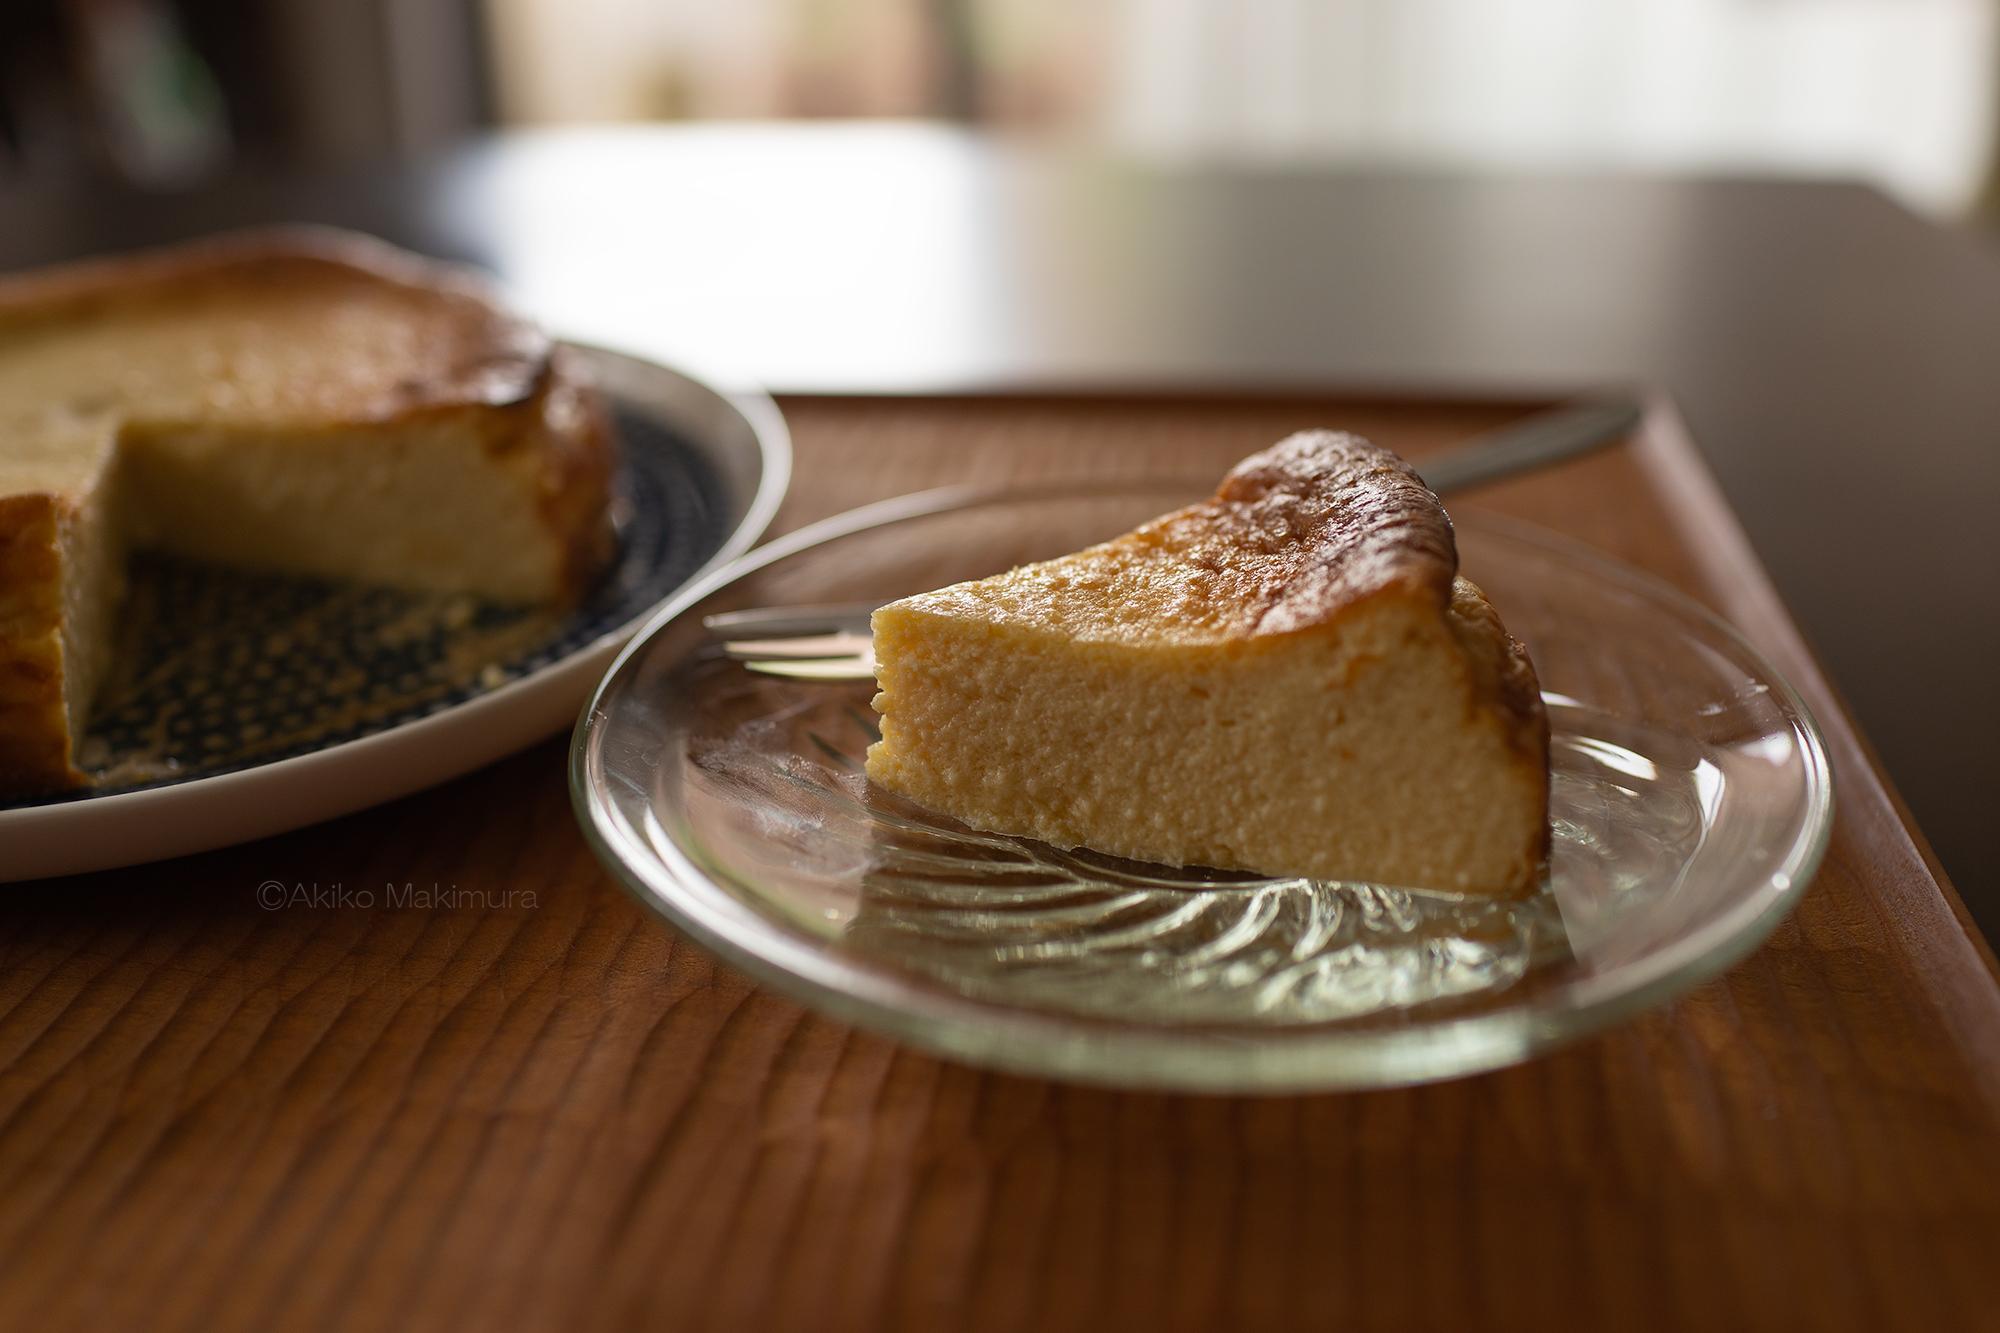 低糖質チーズケーキ ラカントSで作ってみた